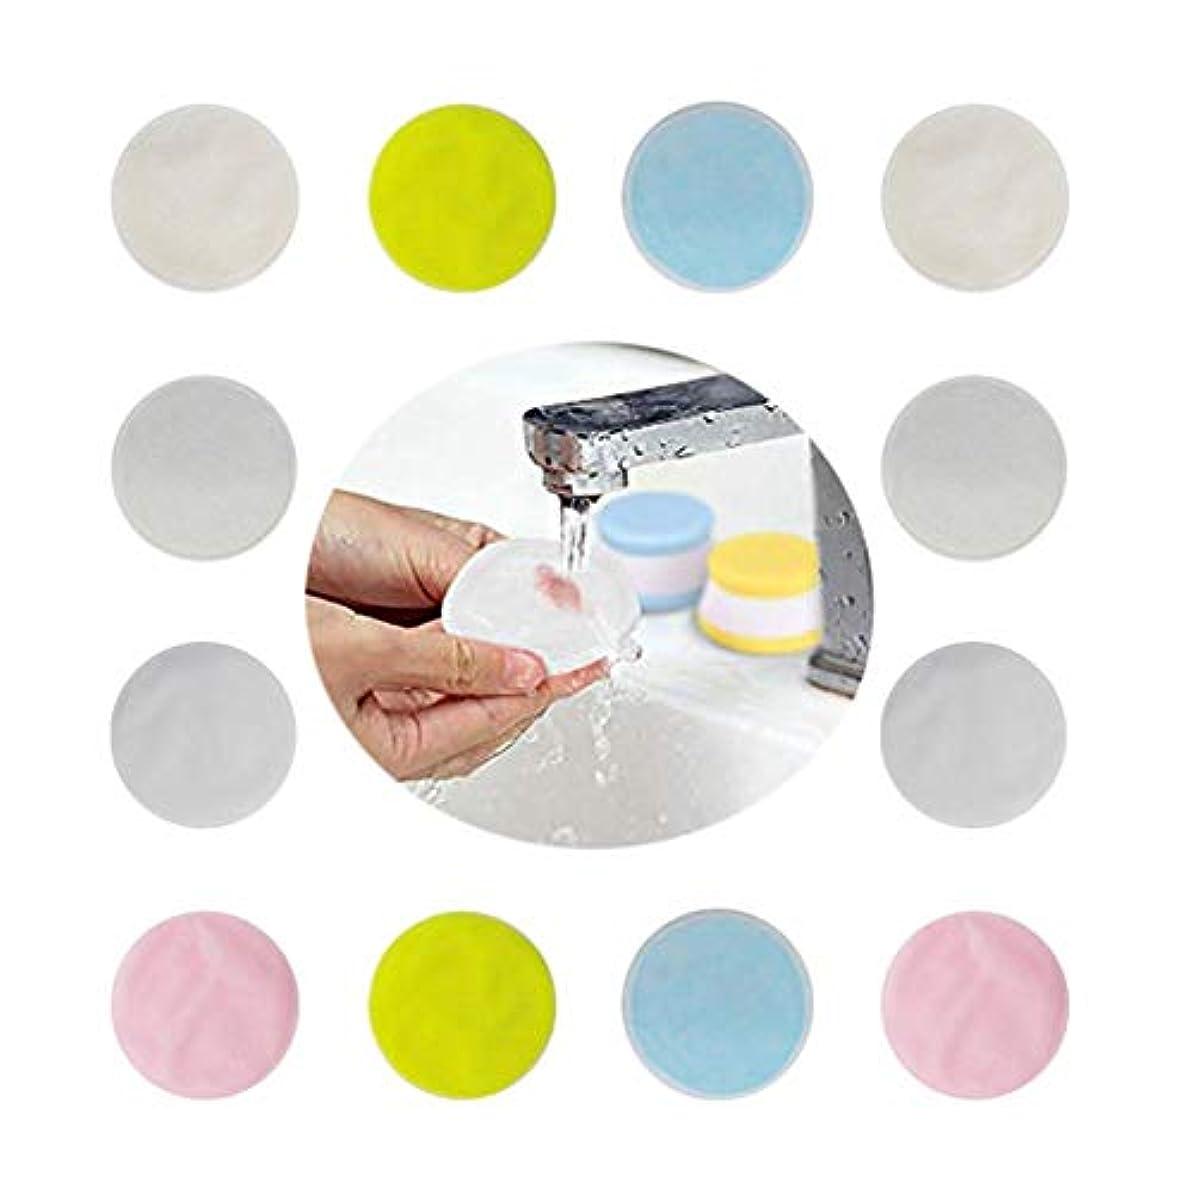 ケイ素刻む素子10 / bag 8cm二重層竹繊維ベルベット化粧落とし洗えると再利用可能な洗顔美容と美??容ケアツール